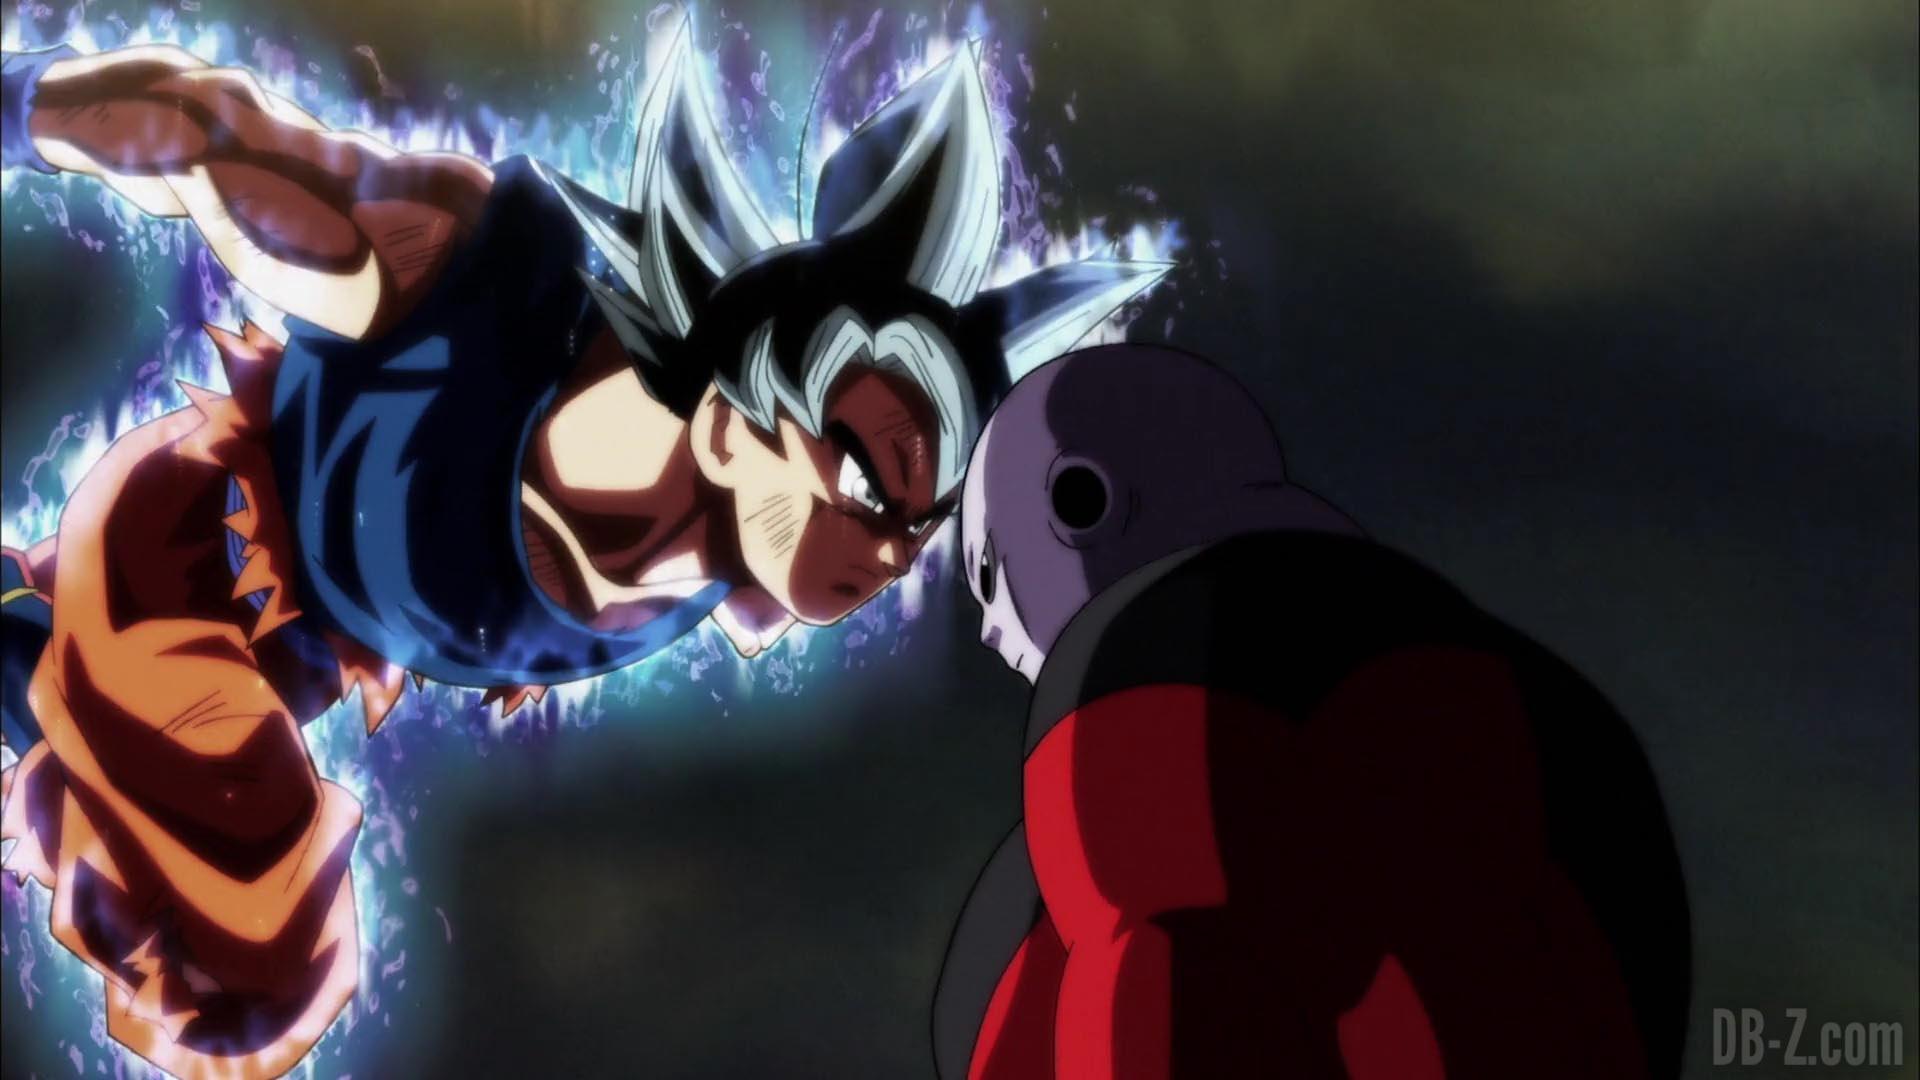 Goku Ultra Instinct Fight 2247958 Hd Wallpaper Backgrounds